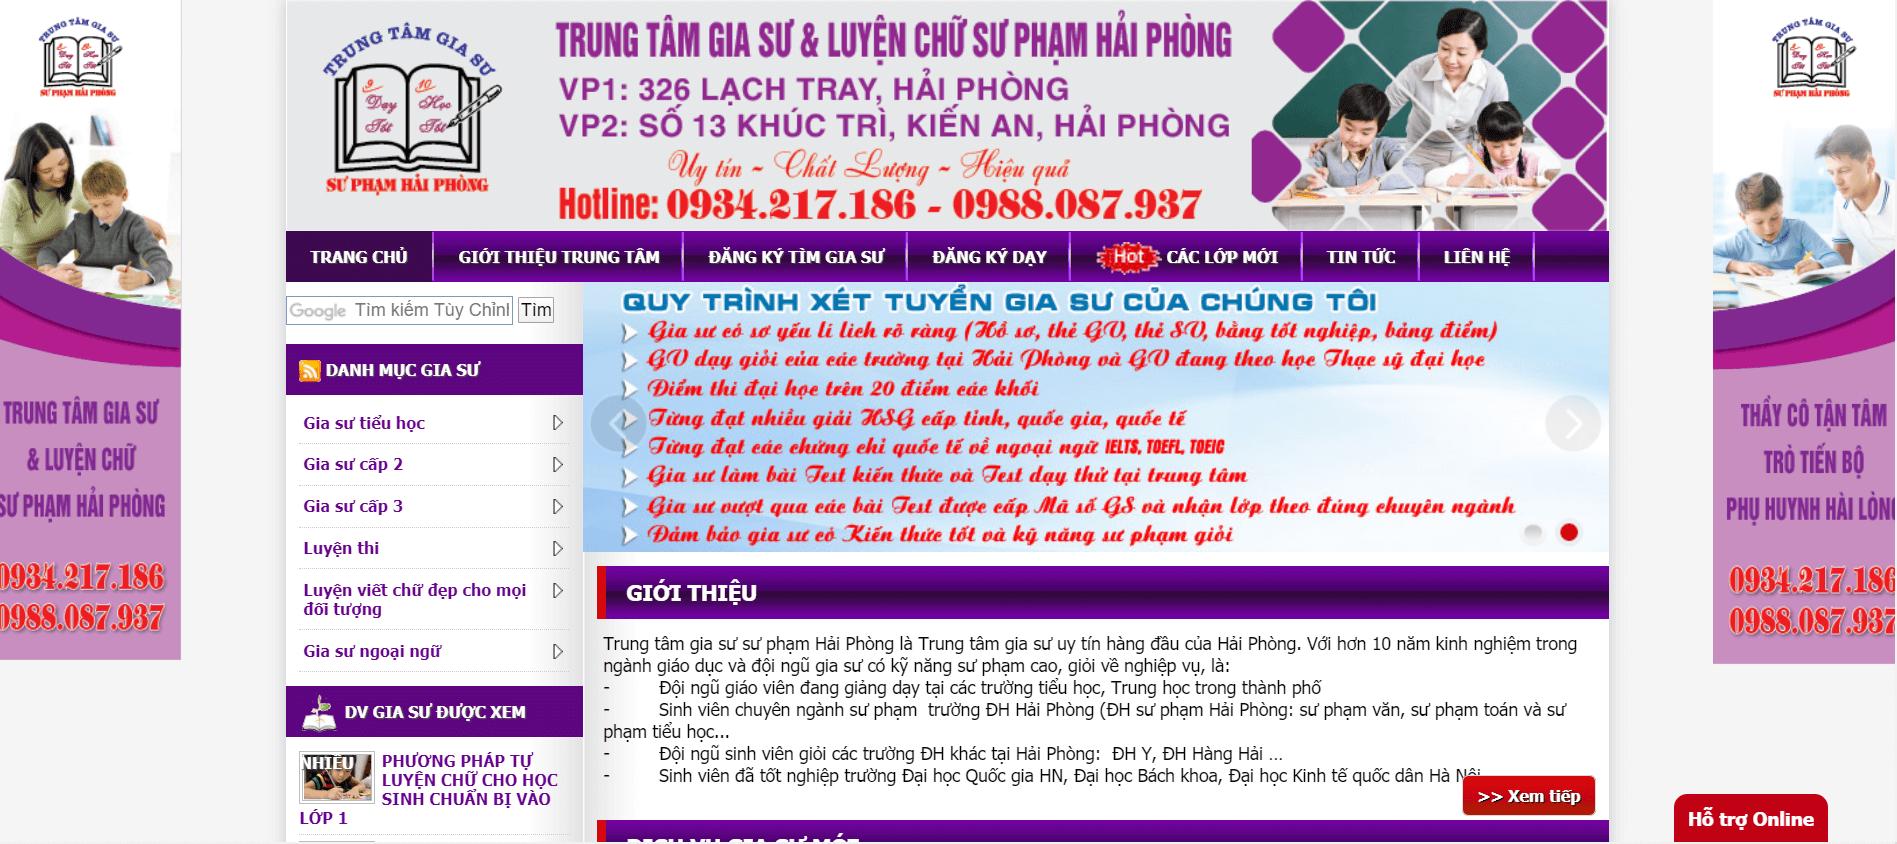 Trung Tâm Gia Sư & Luyện Chữ Sư Phạm Hải Phòng